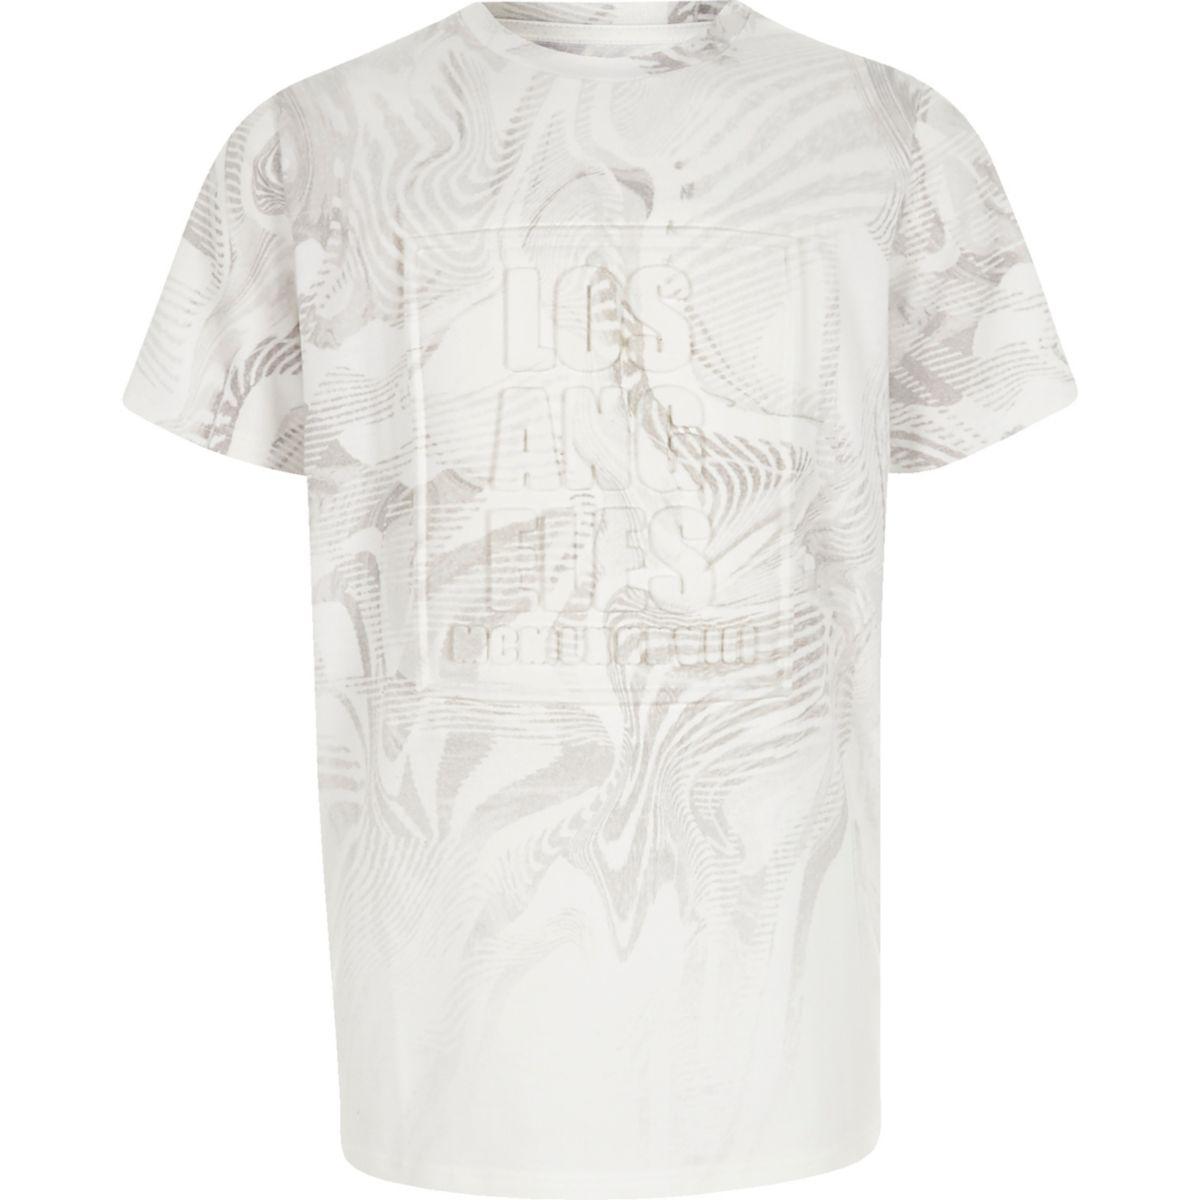 T-shirt blanc motif «Los Angeles» en relief pour garçon